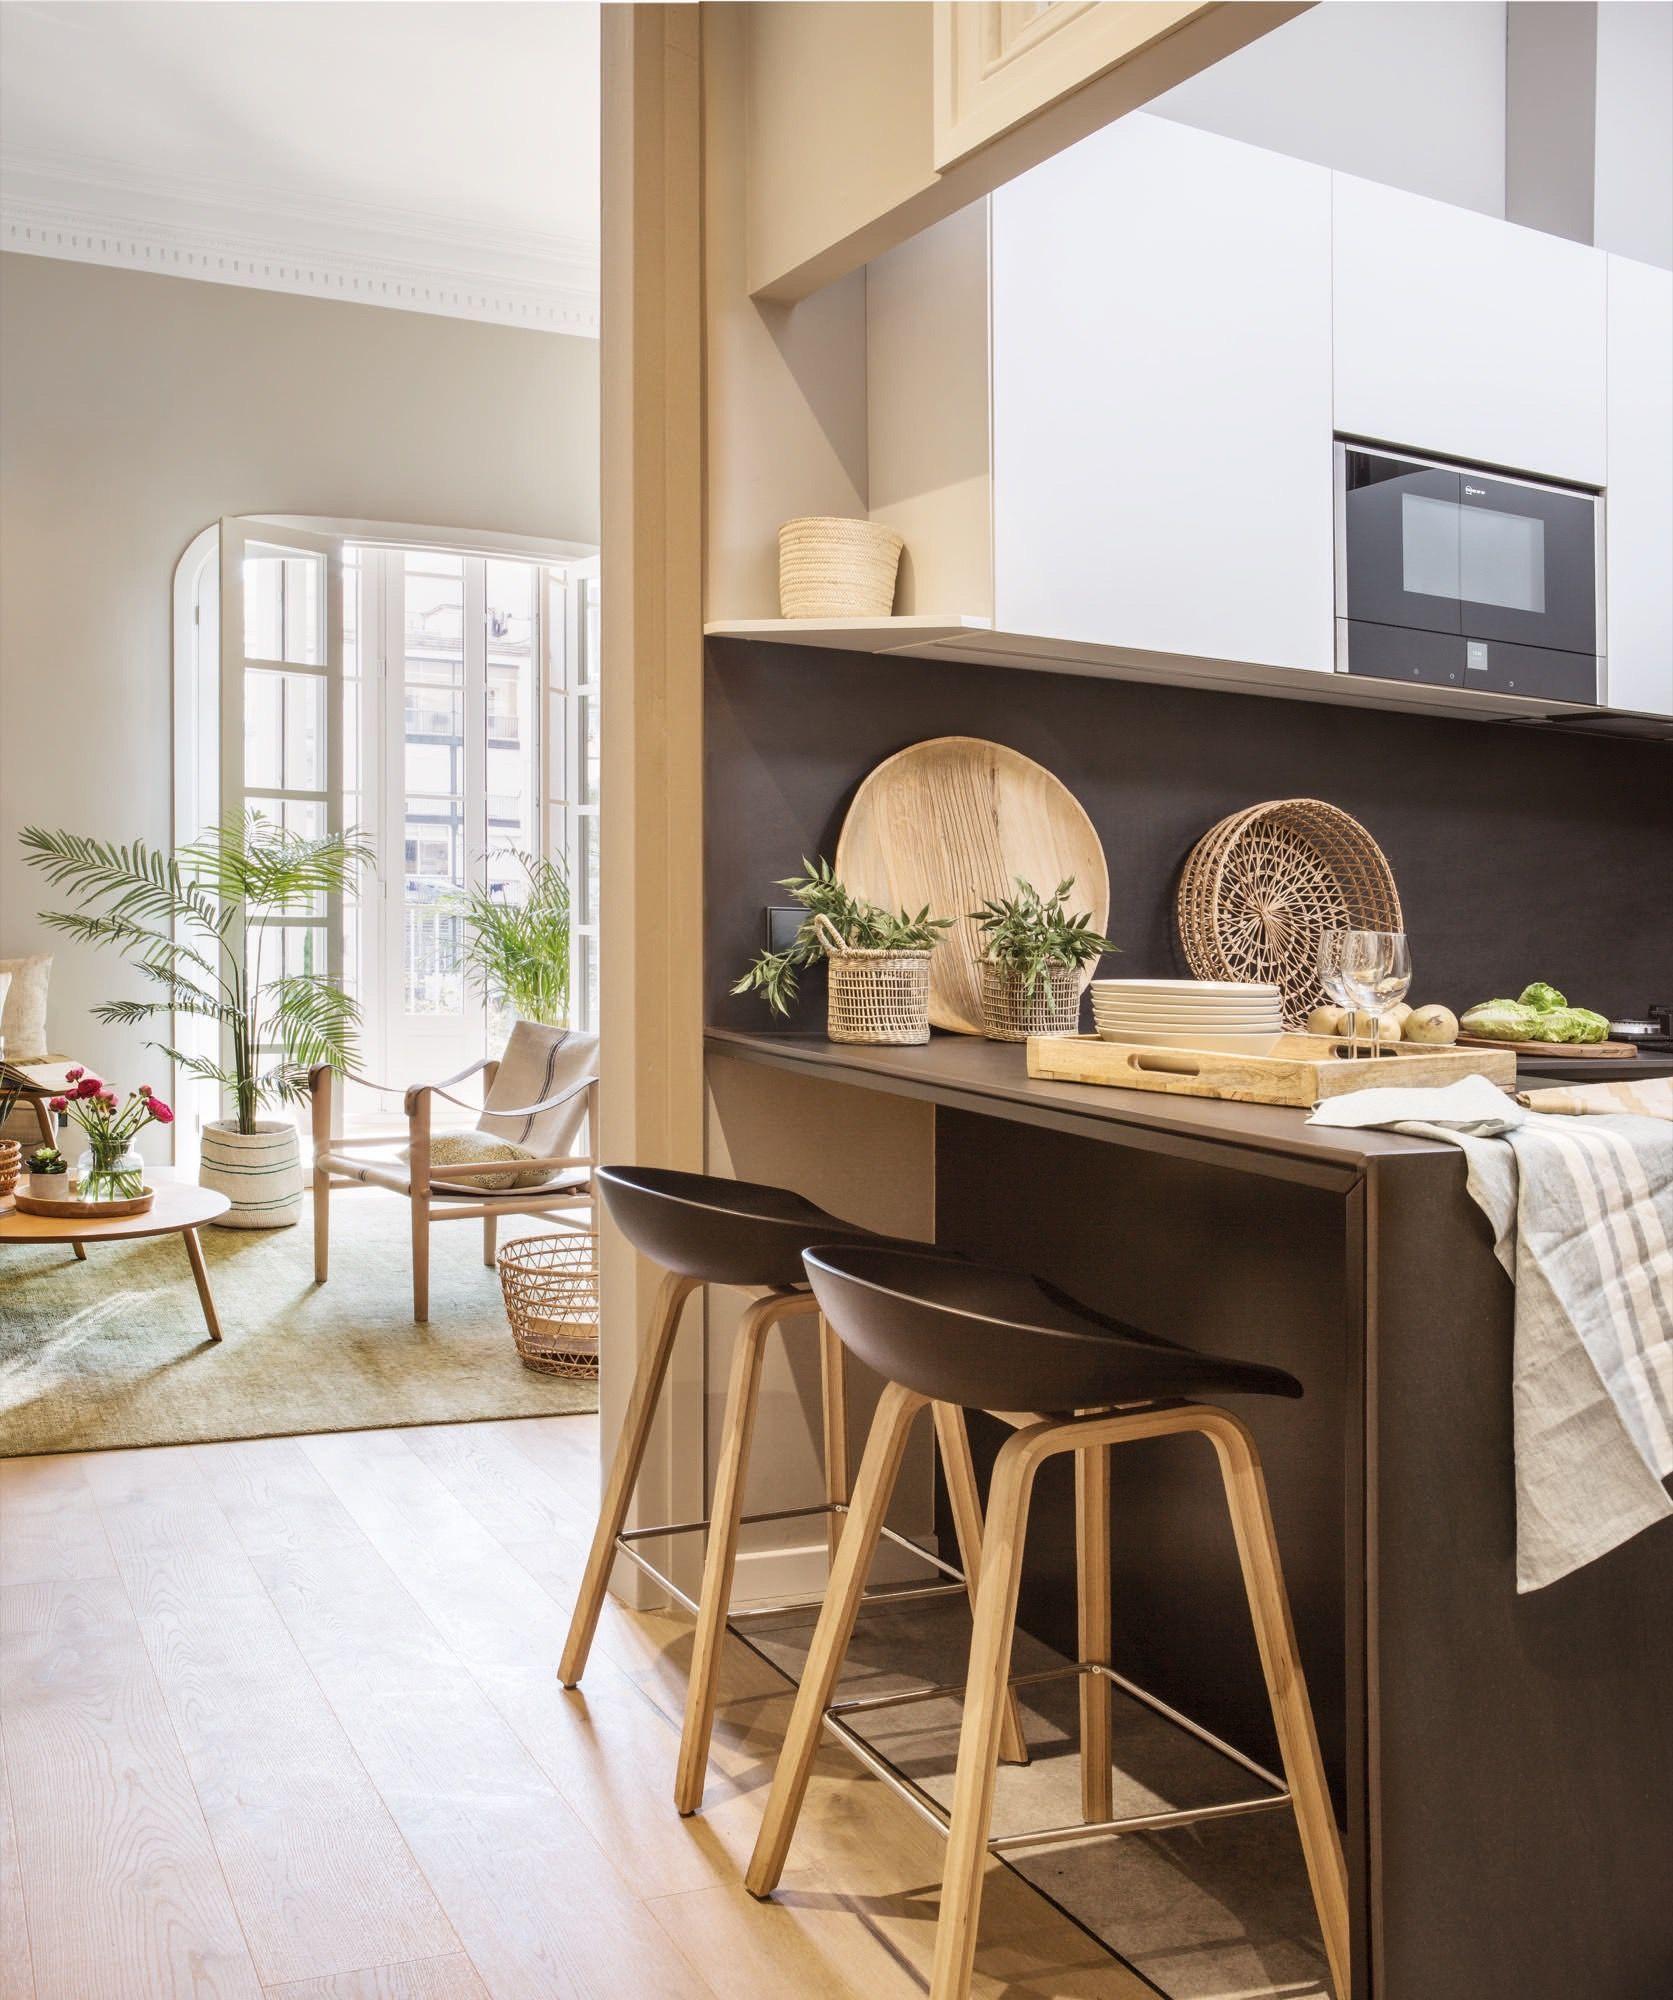 cocina pequeña con barra y abierta en un piso pequeño   Comedores ...